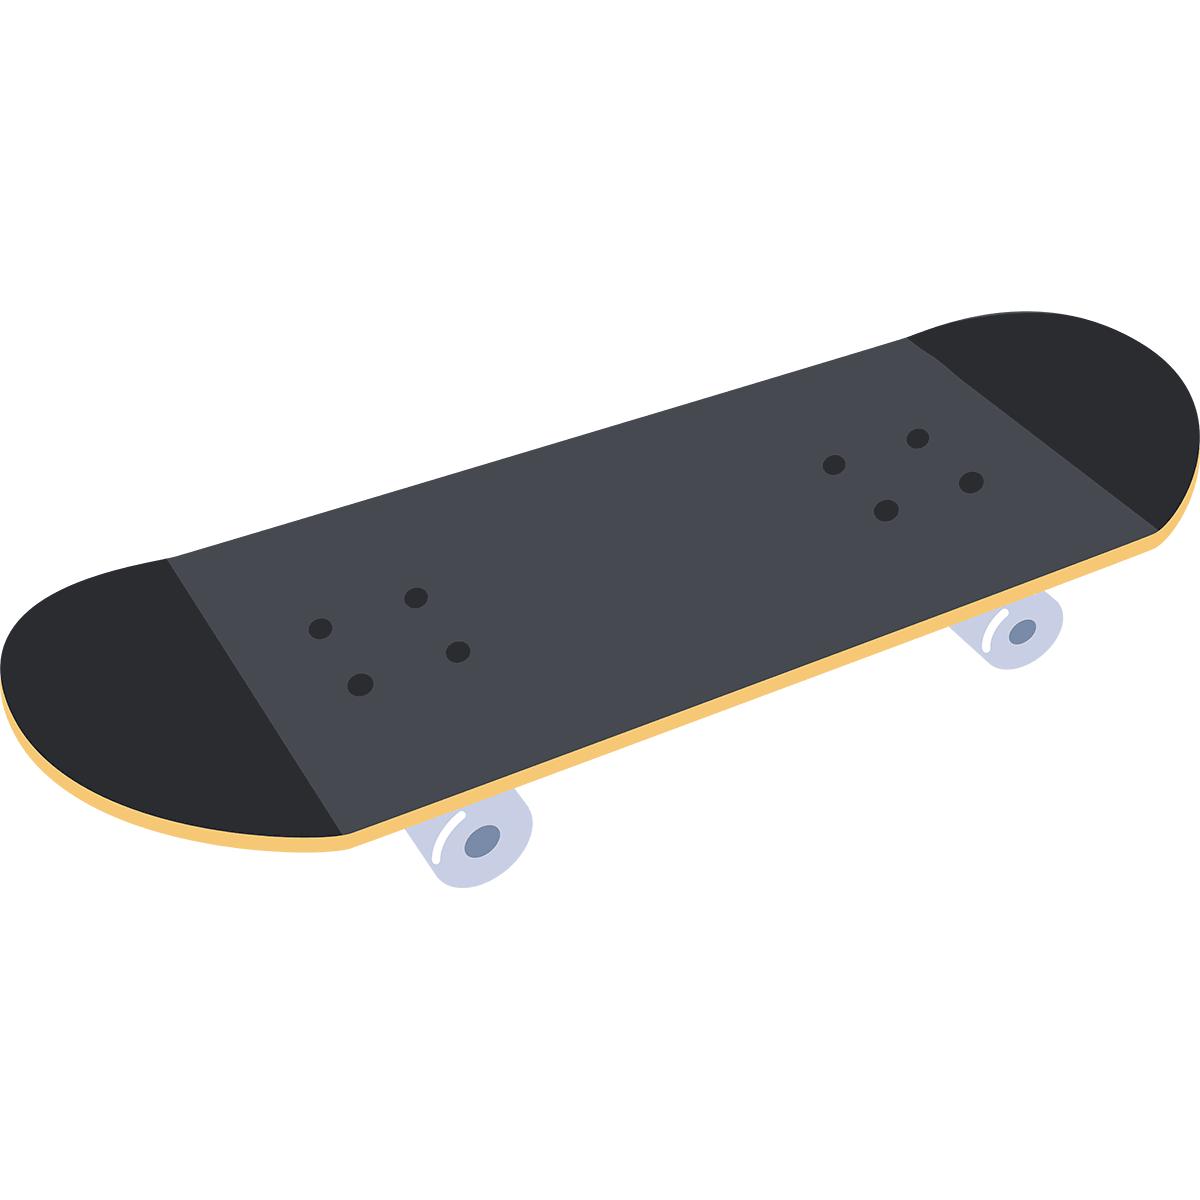 スケートボード(スケボー)の無料イラスト